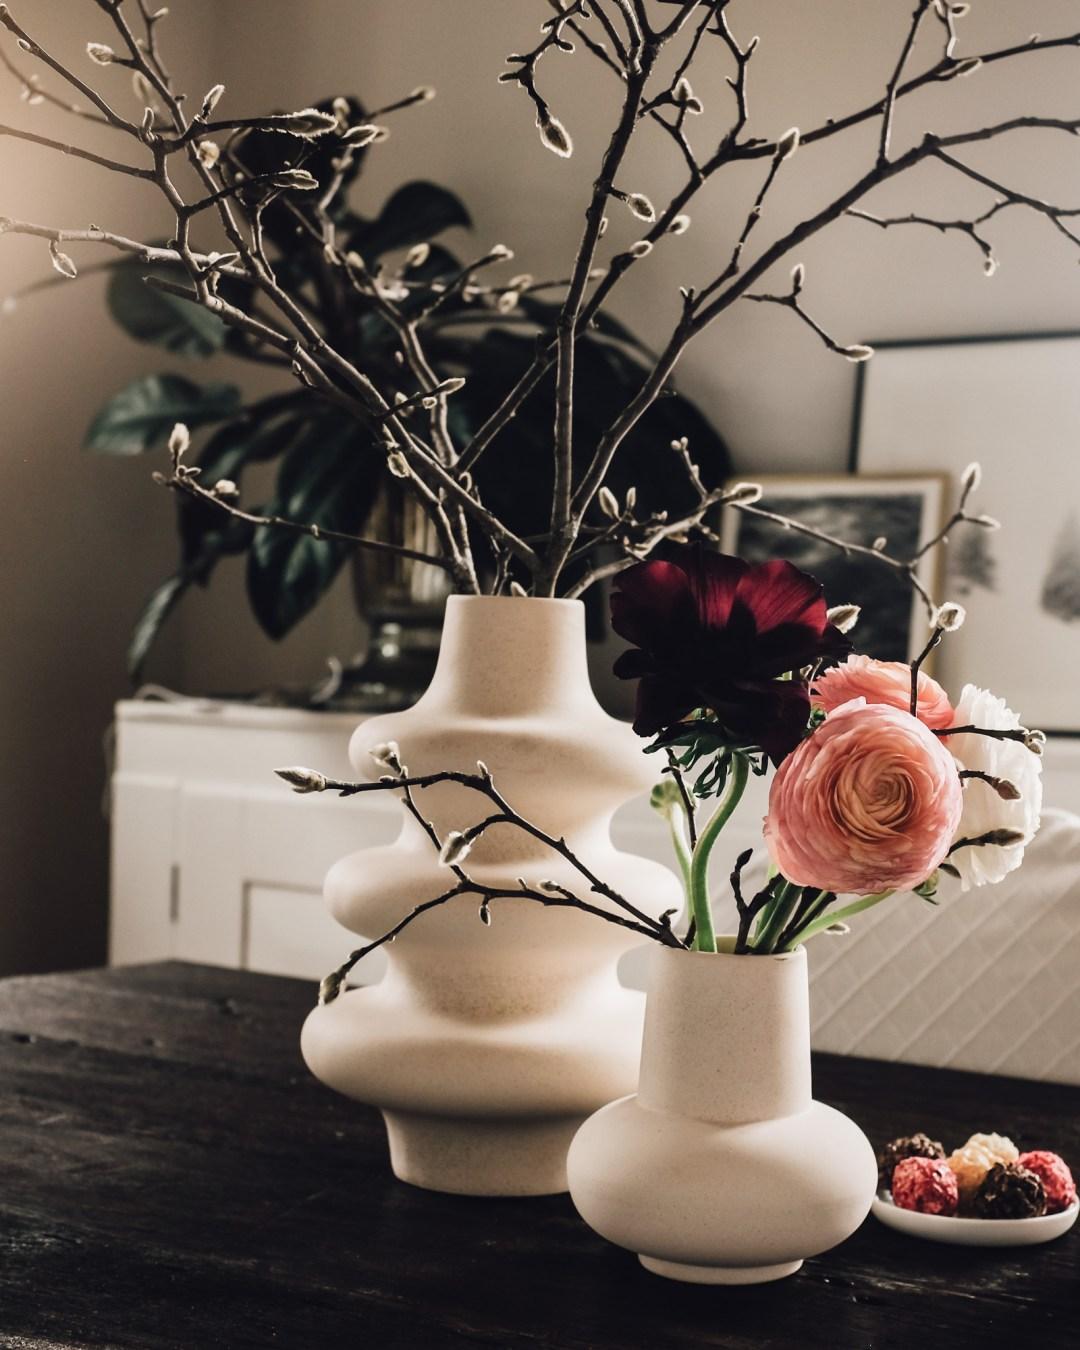 Inastil, Limettenkokosfisch, Fischgericht, Blumendekoration, Ranunkeln, Blütenzweige, Blütenzauber, Rezept,-13